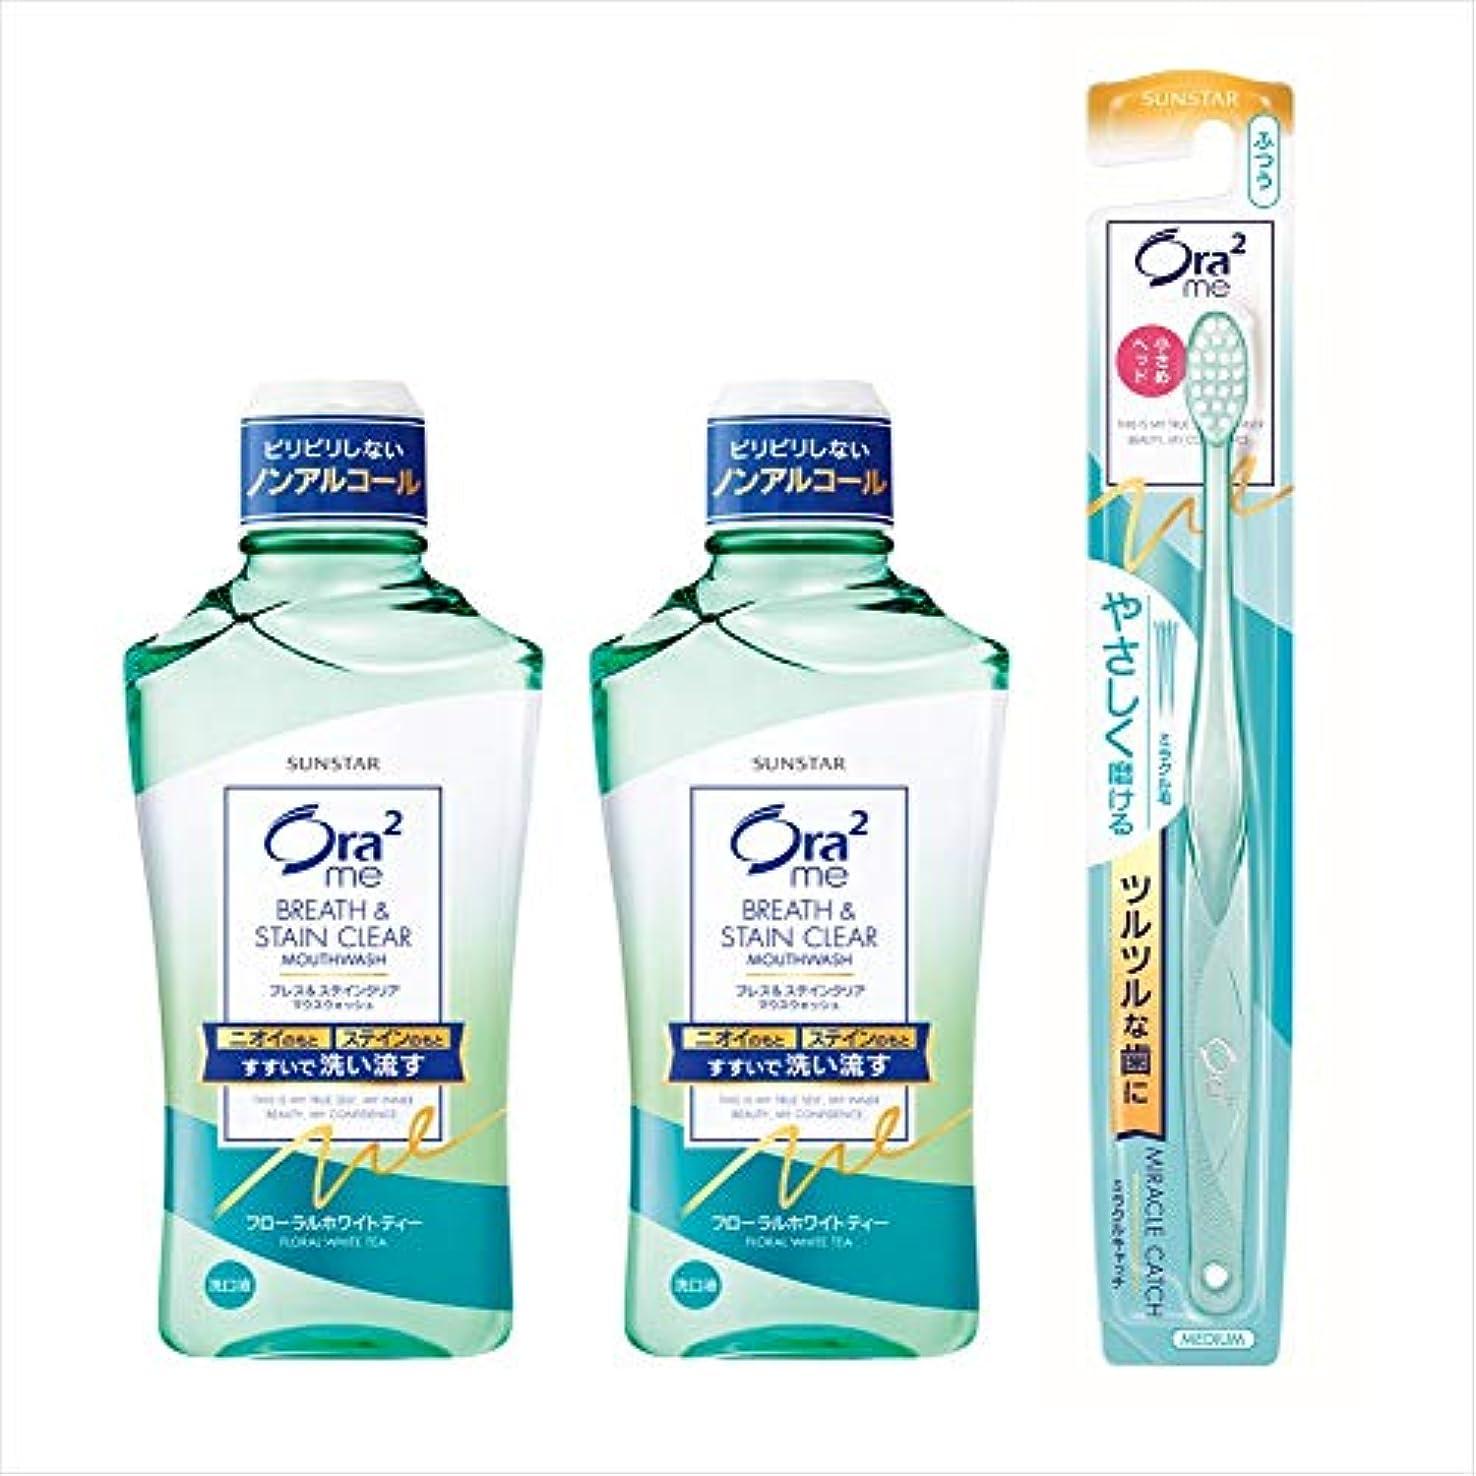 アナロジー喉が渇いたブランドOra2(オーラツー) ミーマウスウォッシュ ステインクリア 洗口液[フローラルホワイトティー]×2個+ハブラシ付き